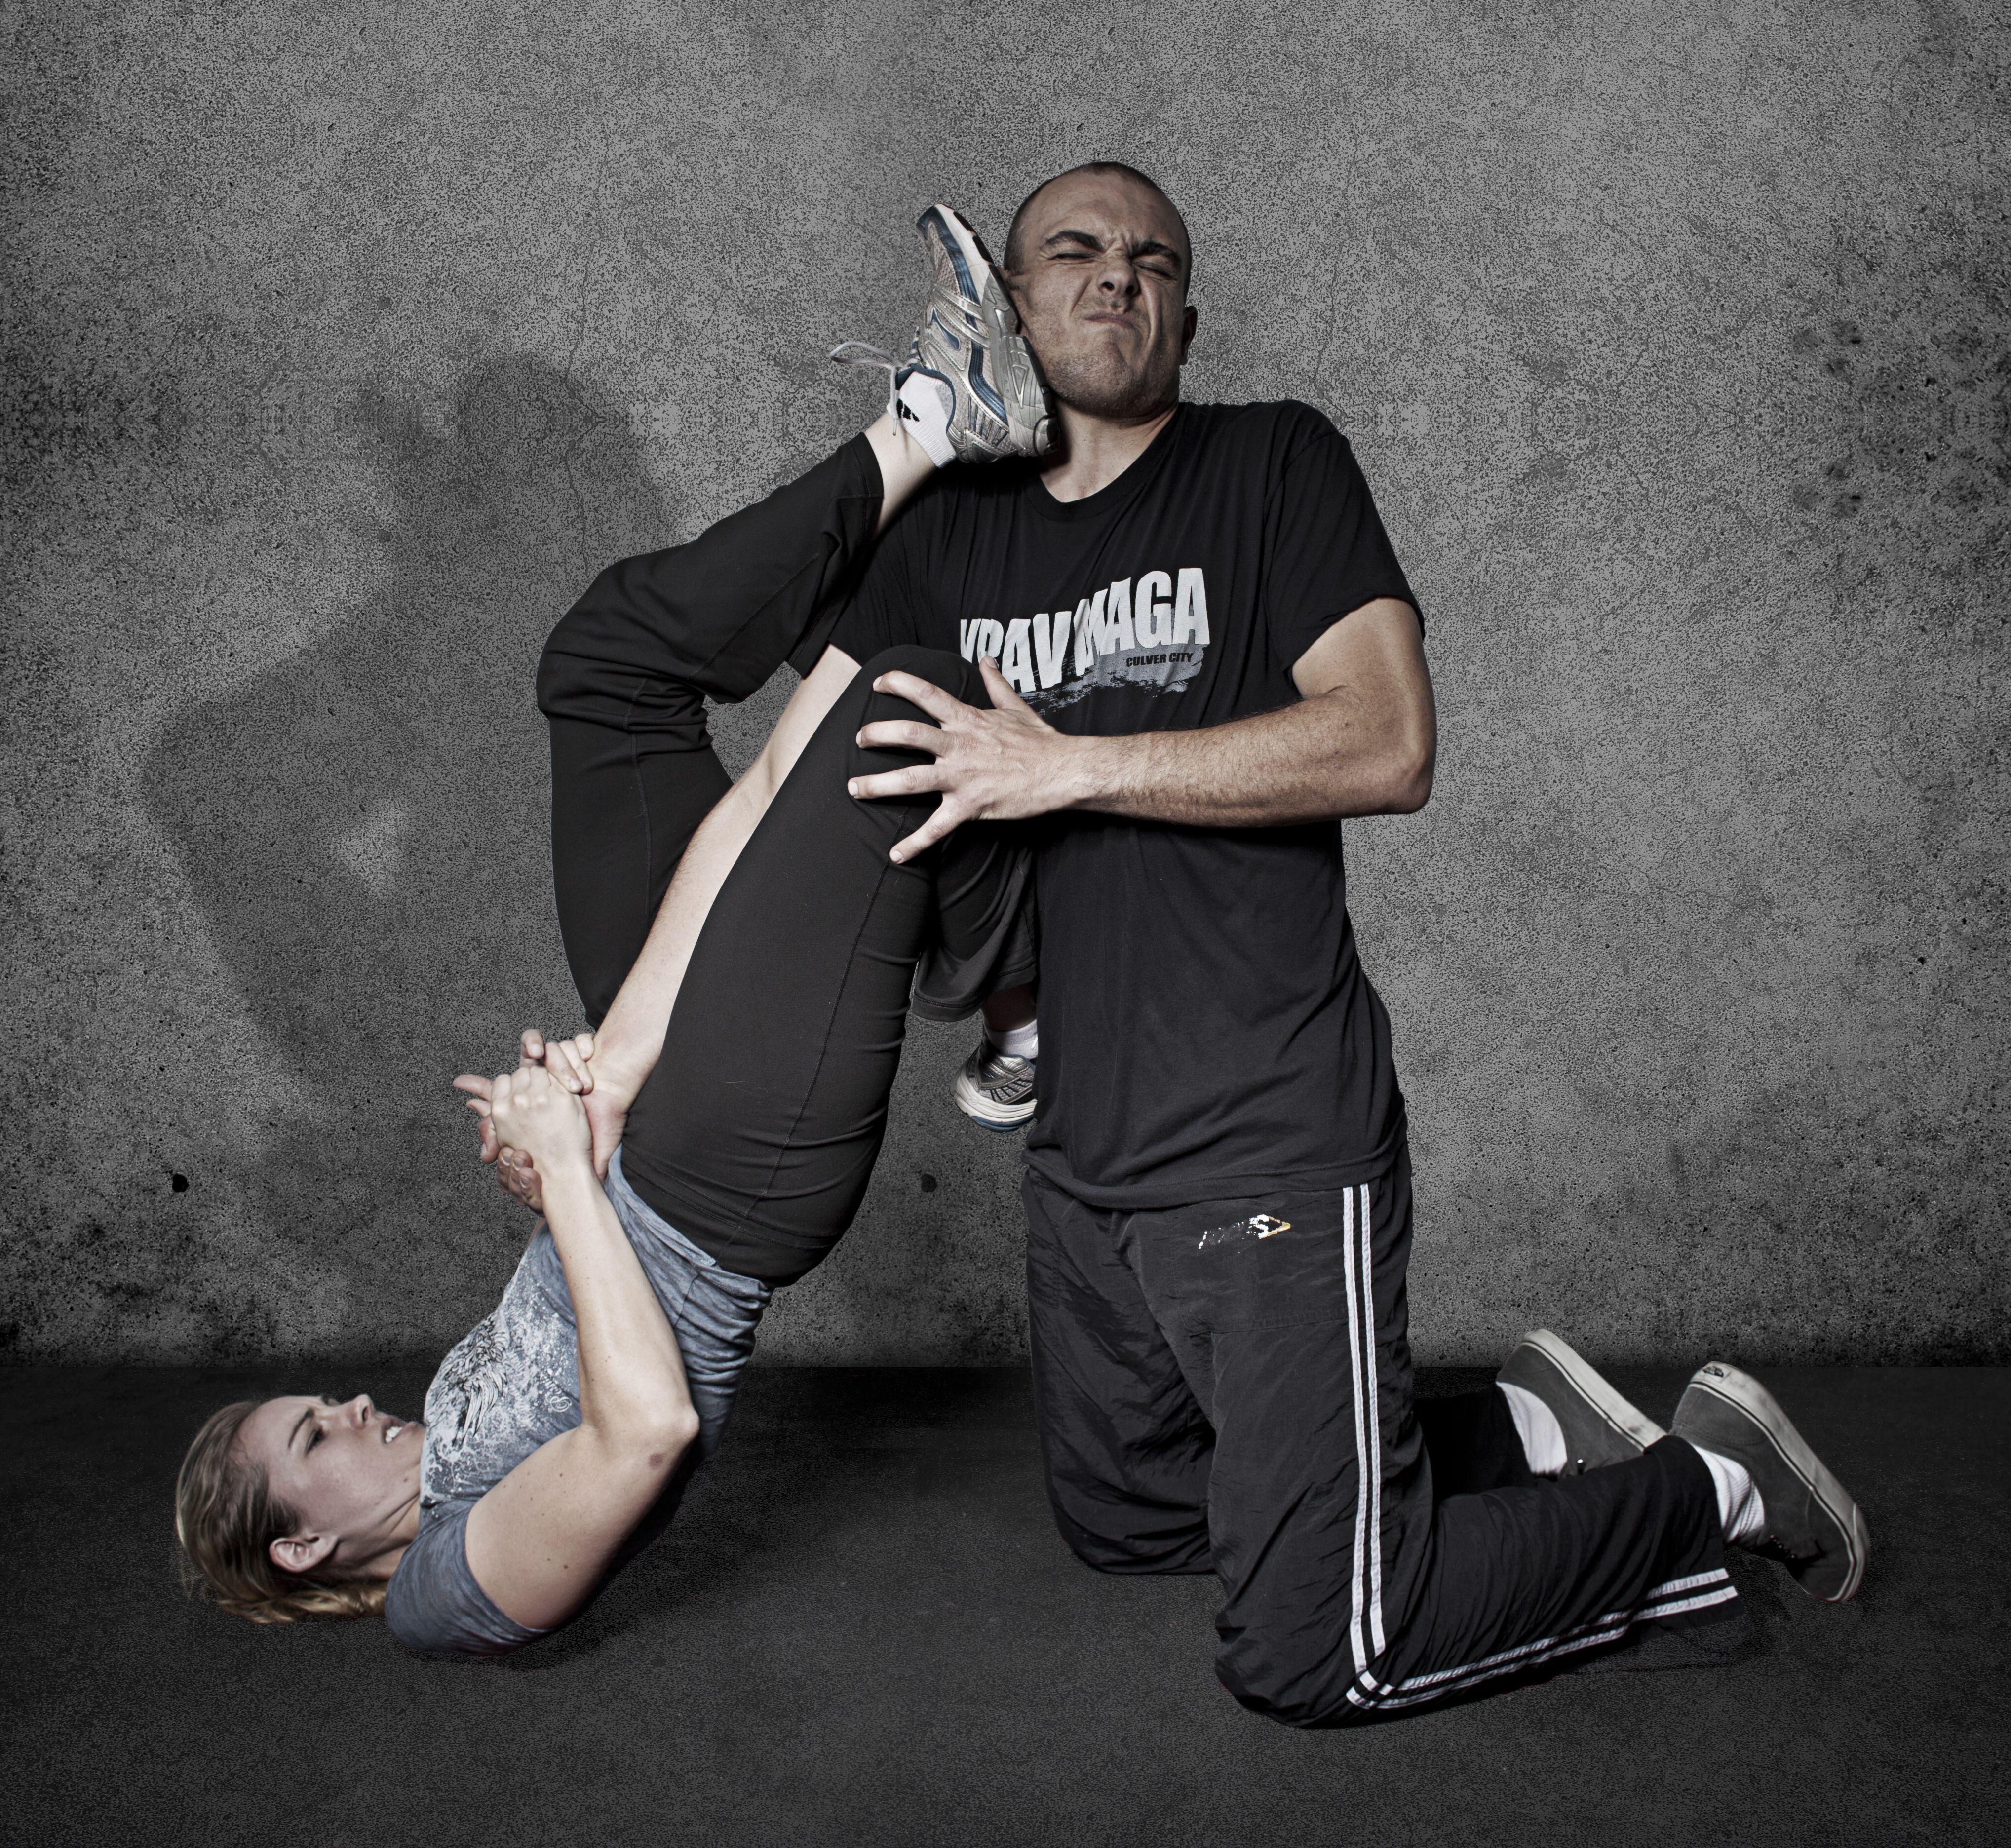 taser bolt self defense pinterest martial exercises and workout. Black Bedroom Furniture Sets. Home Design Ideas